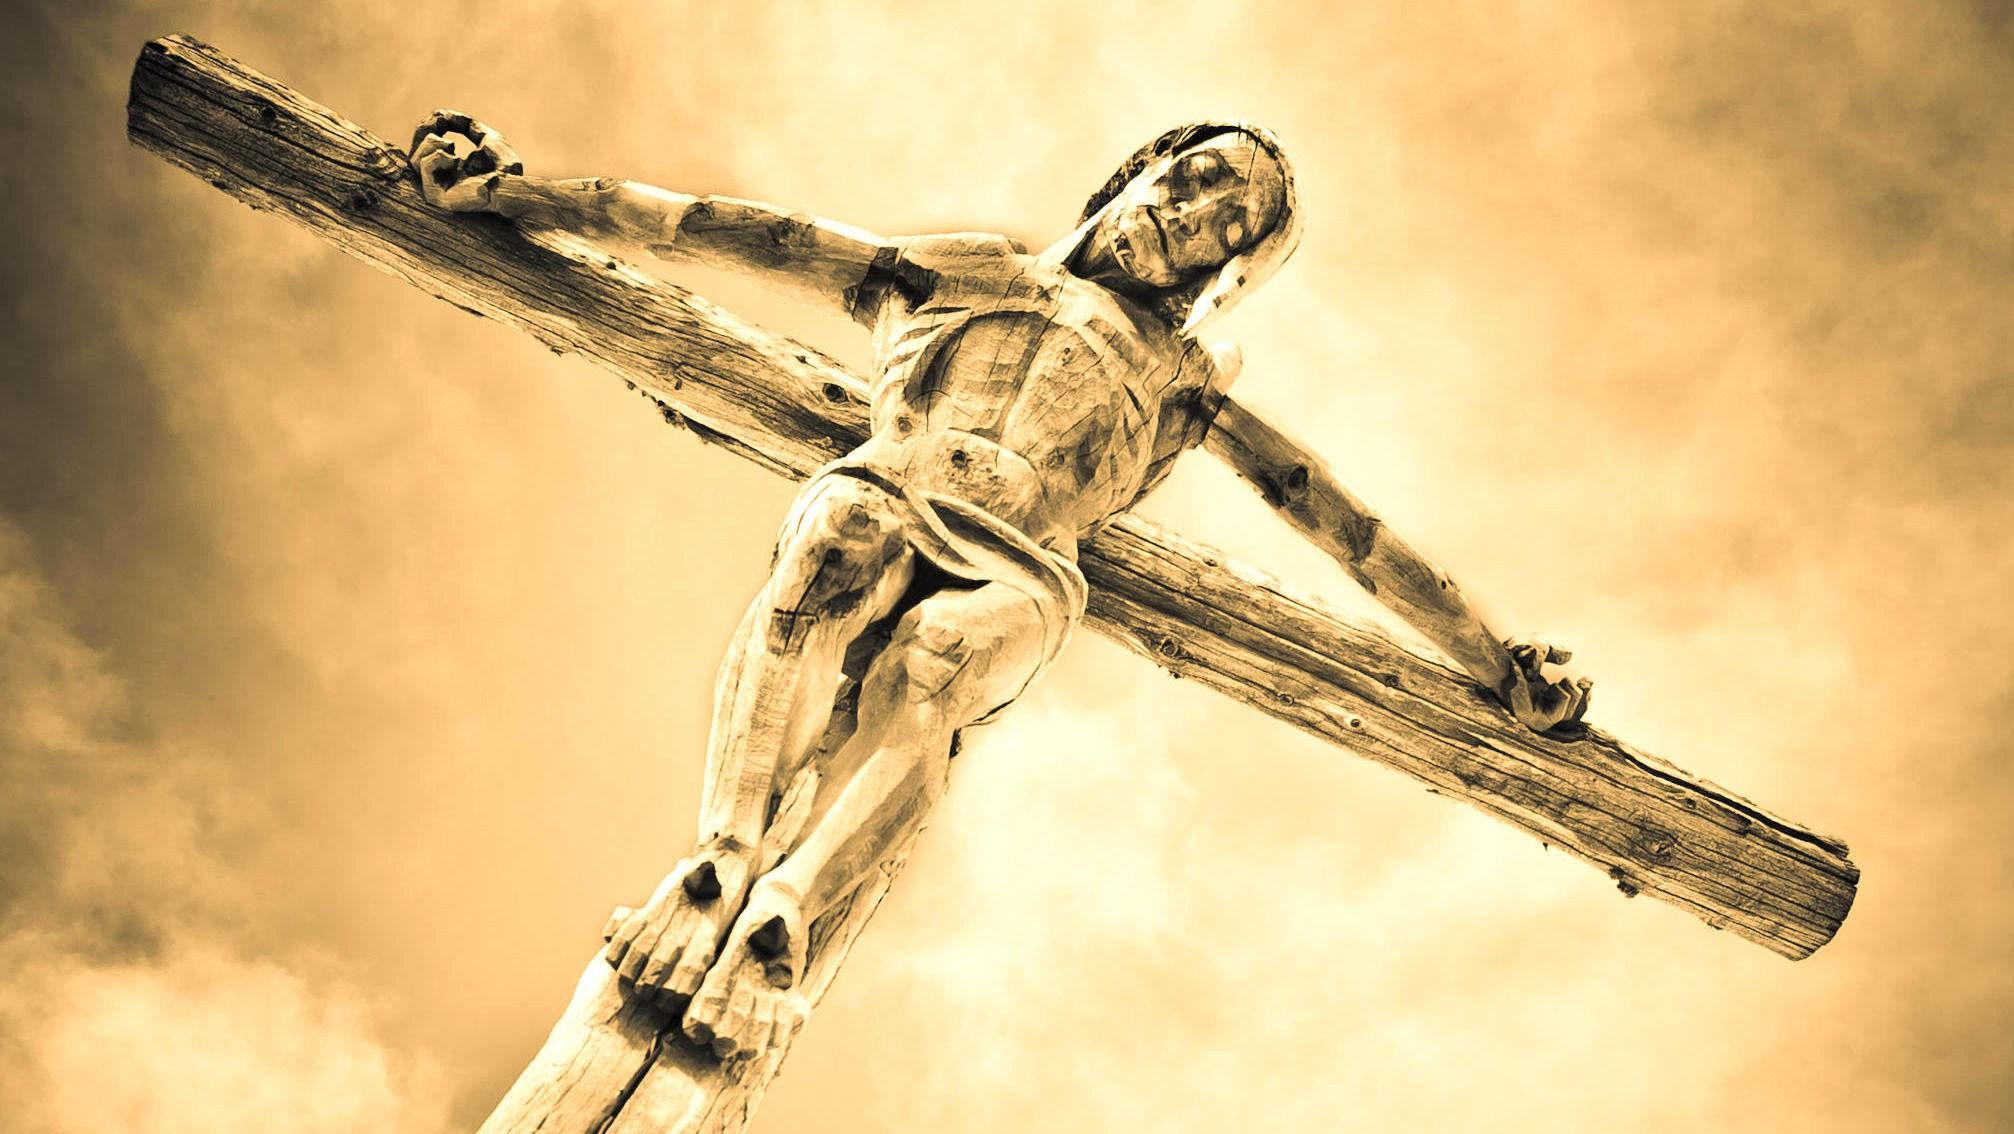 DEN ULYKKELIGE FREDAGEN: Ifølge Bibelen ble Kristus korsfestet på en fredag.